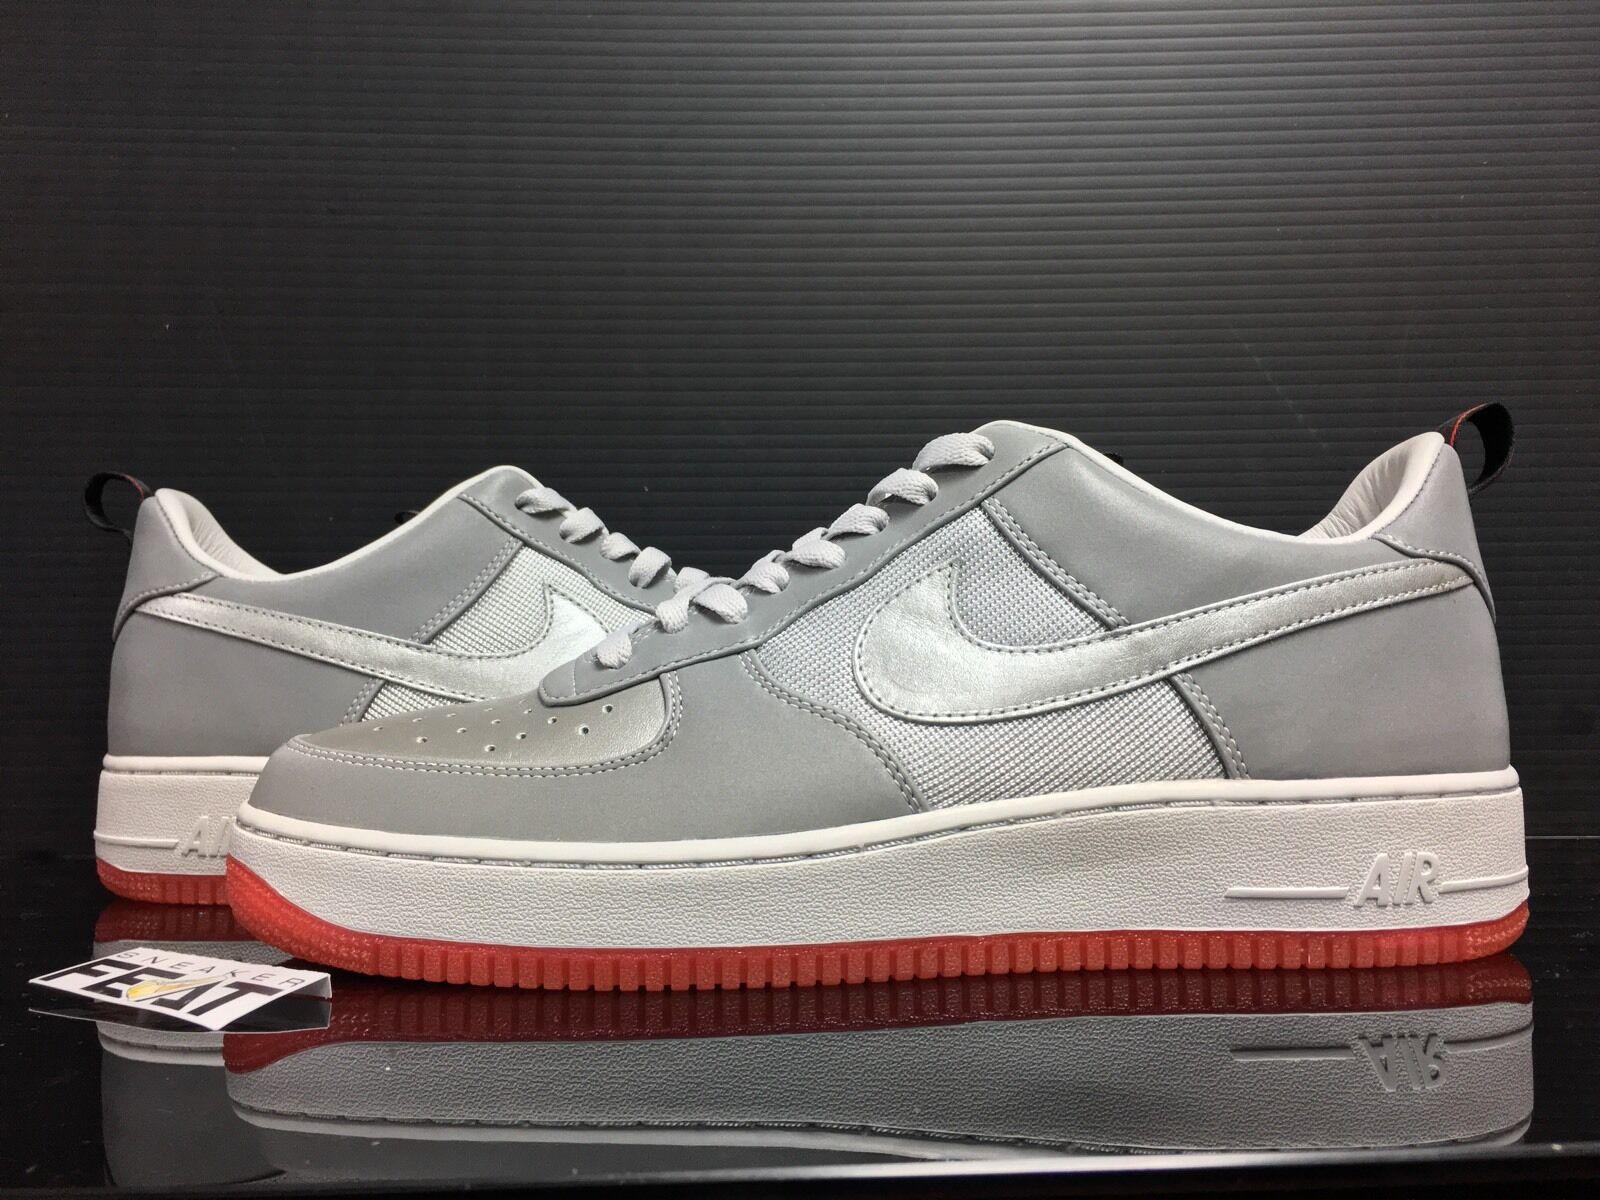 Nike air force air max 97 uomini dimensione x 1 bassa dimensione uomini 12 ibridi am97 rosso argento 3m d871f3